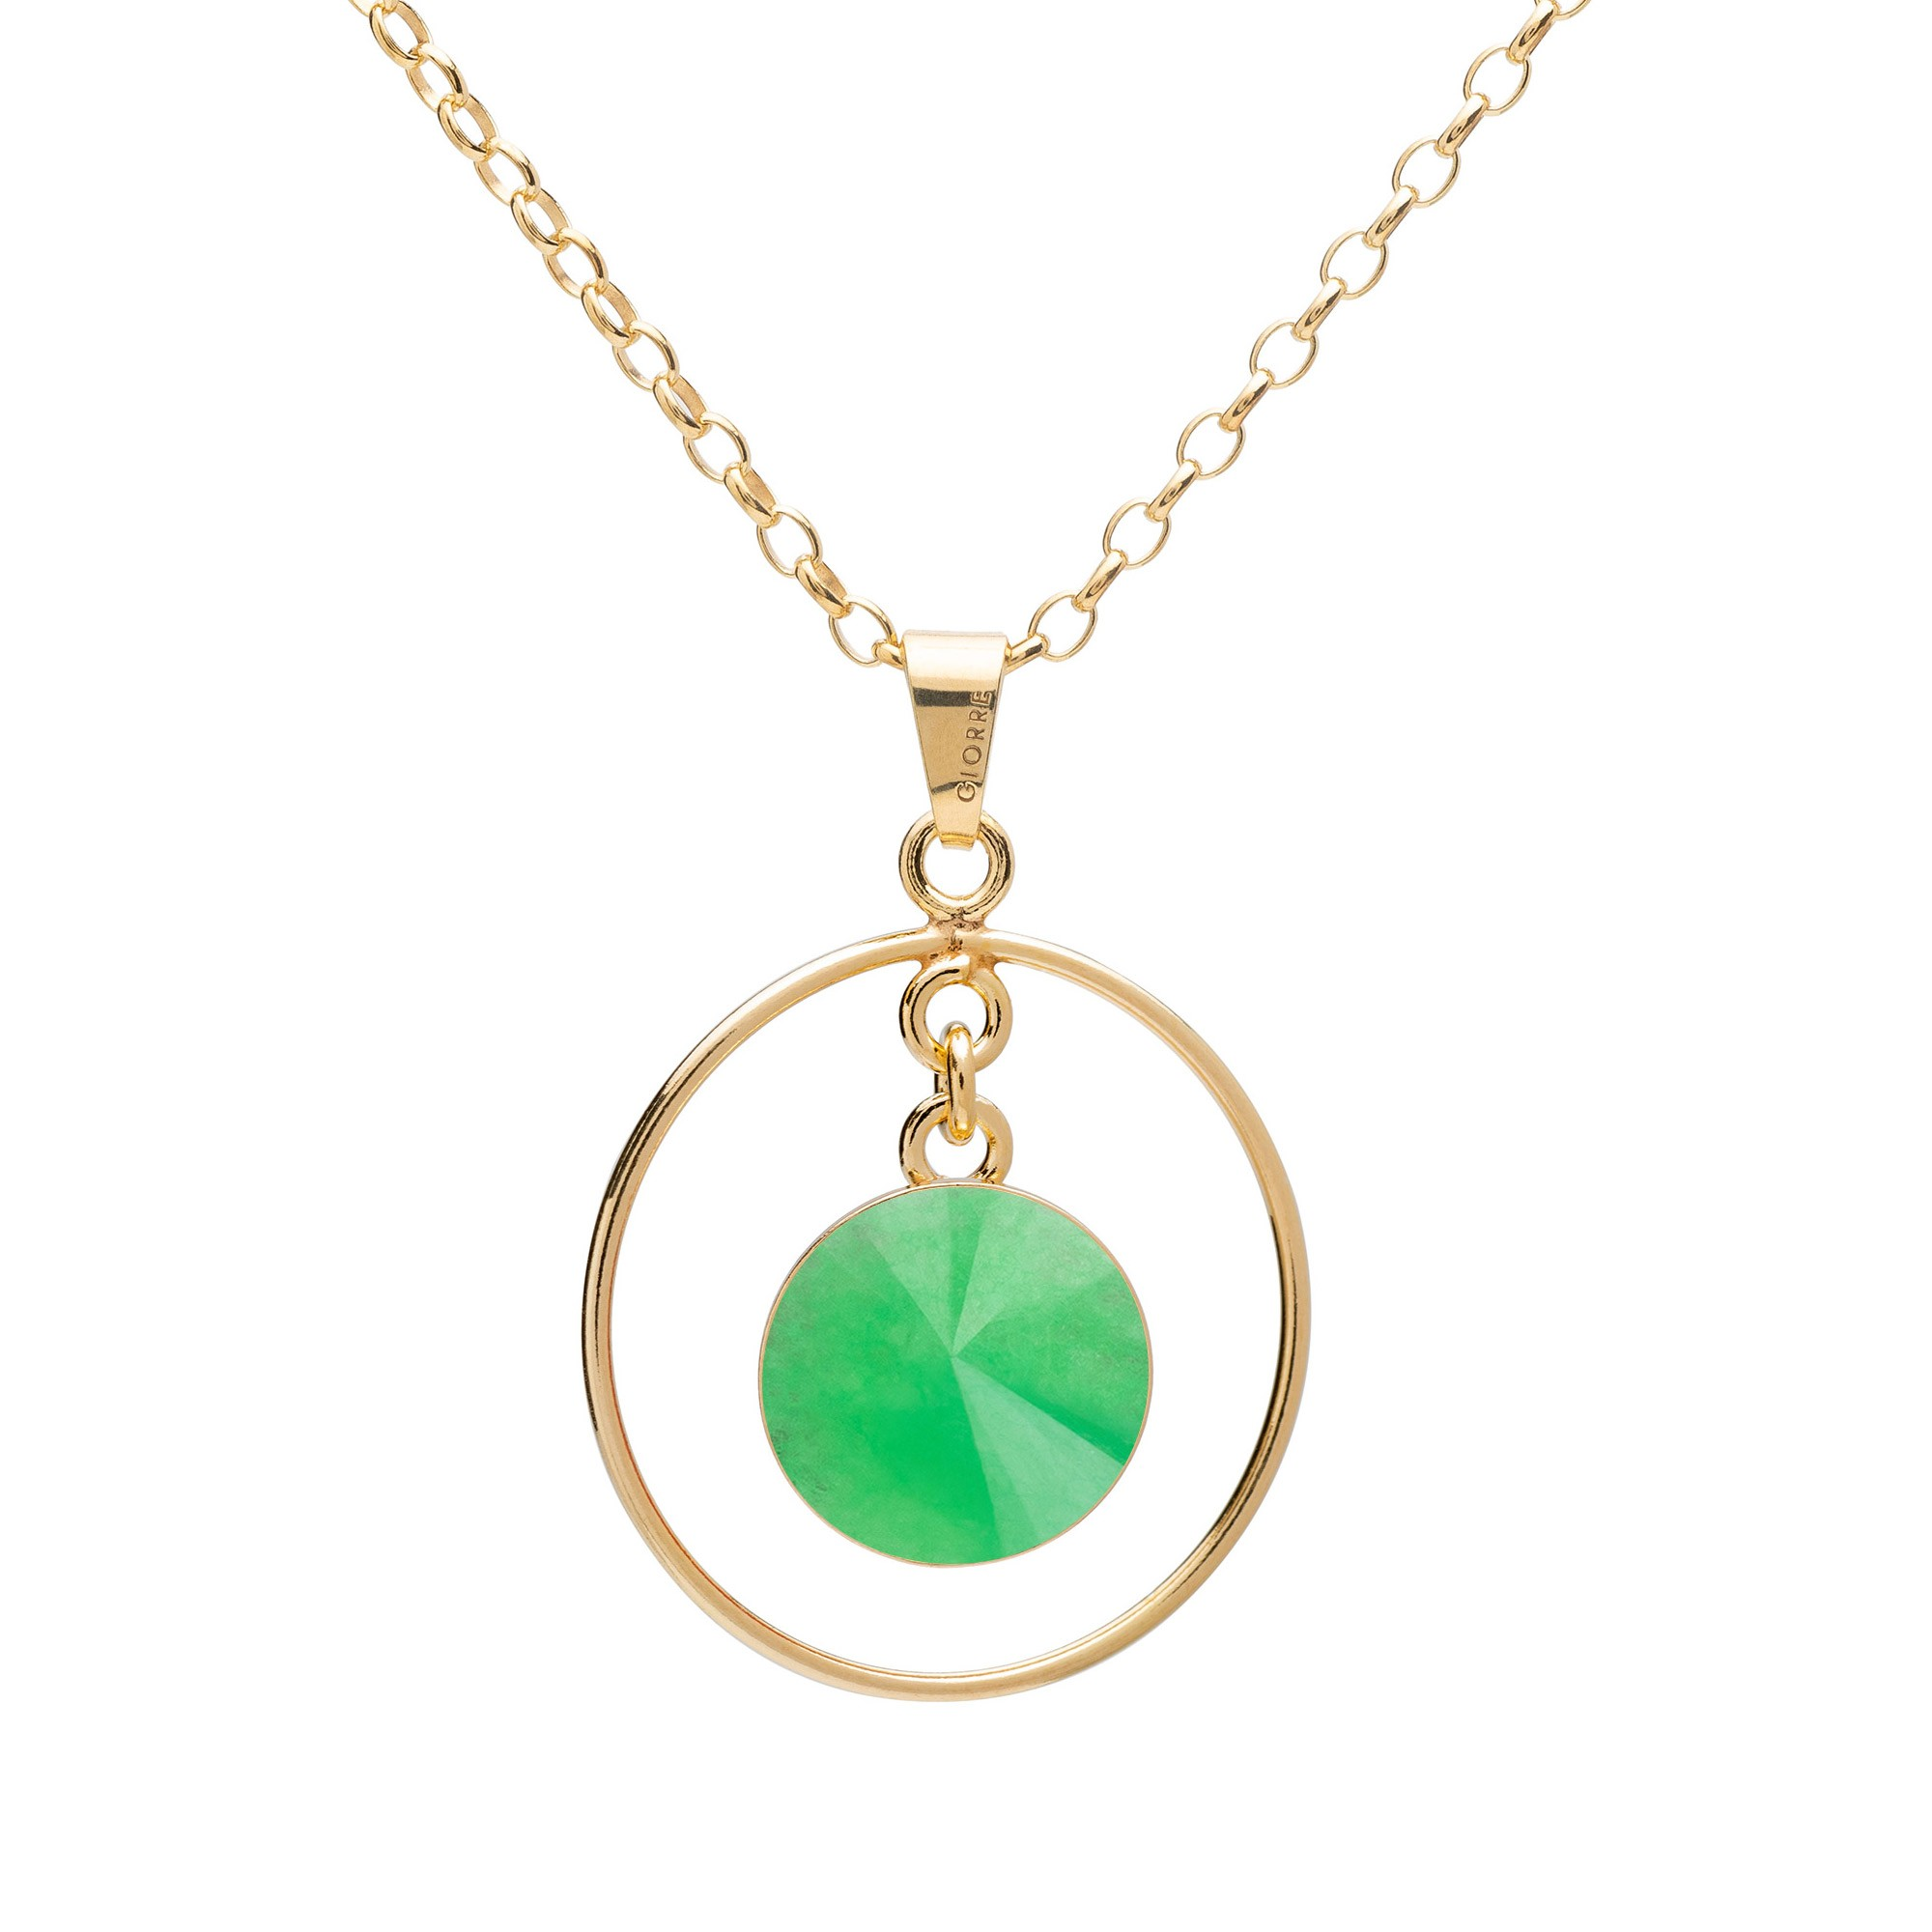 Okrągły naszyjnik z naturalnym kamieniem - chryzopraz ciemny zielony srebro 925